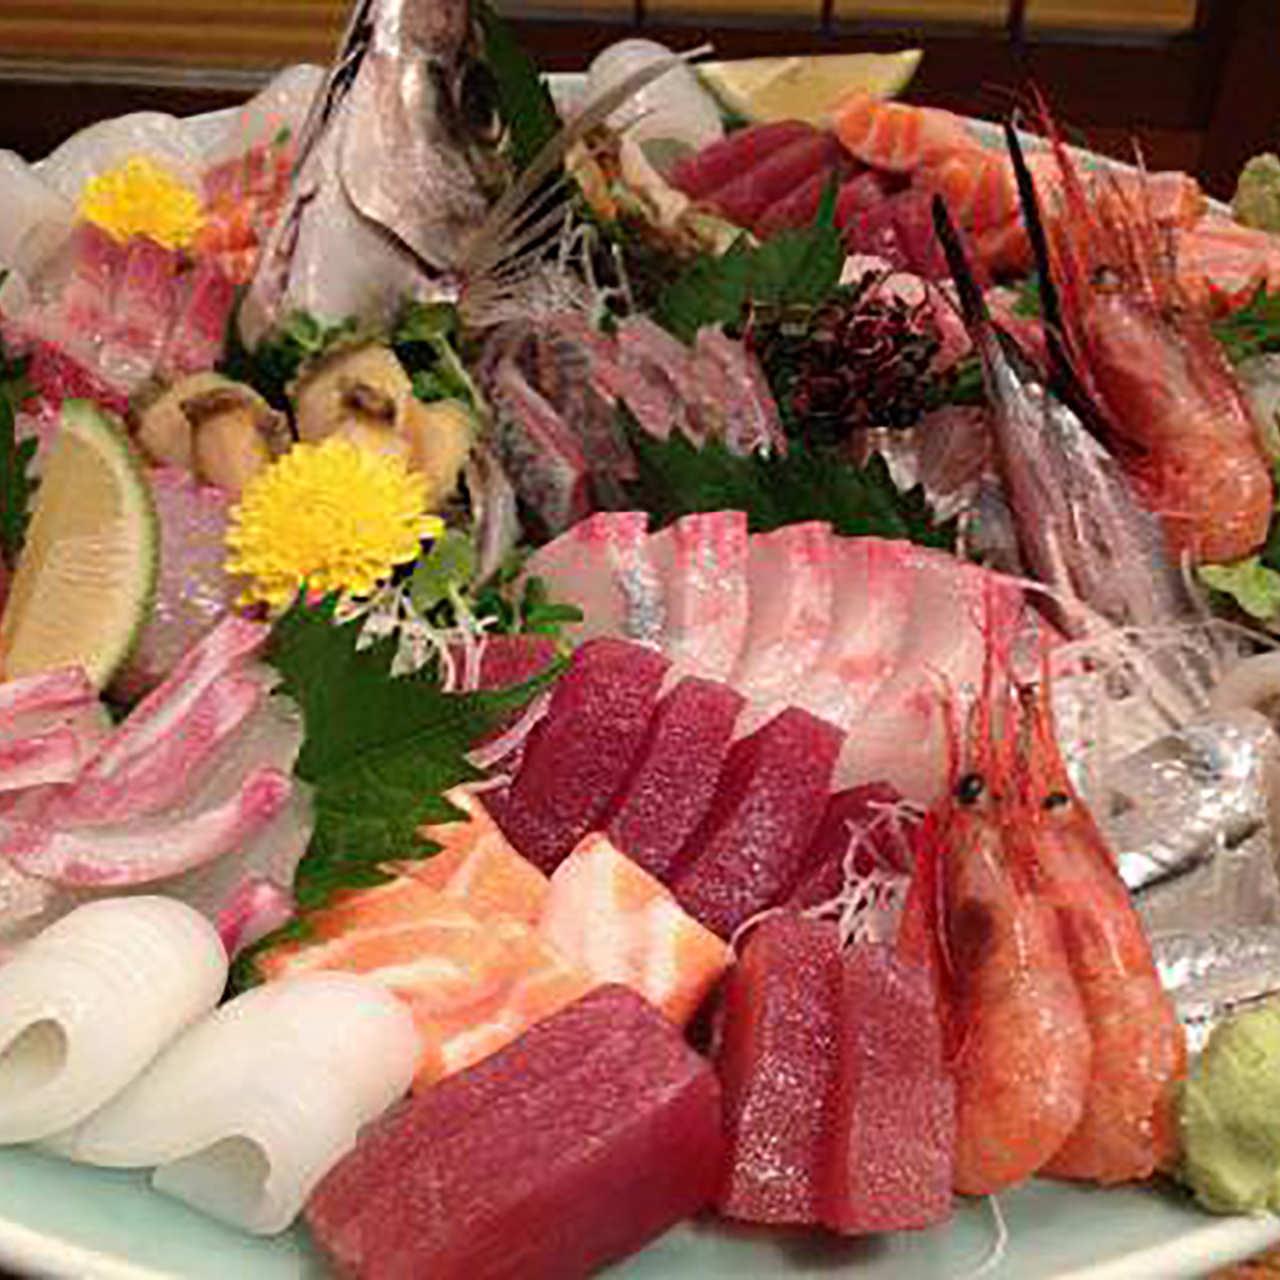 職人歴約50年の大将が作る鮮魚料理